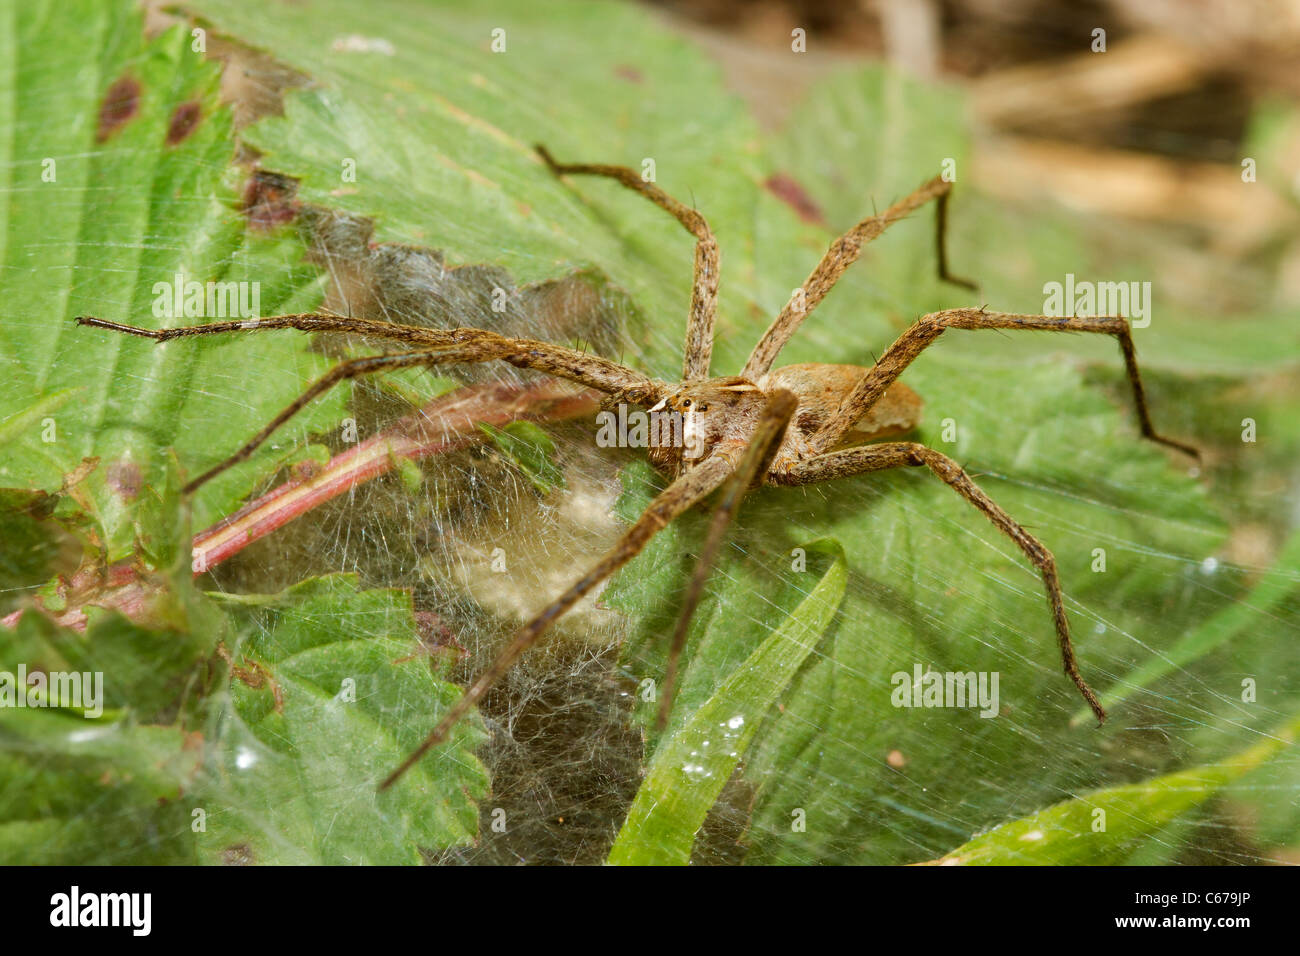 Nursery-web Spider in Devon - Stock Image